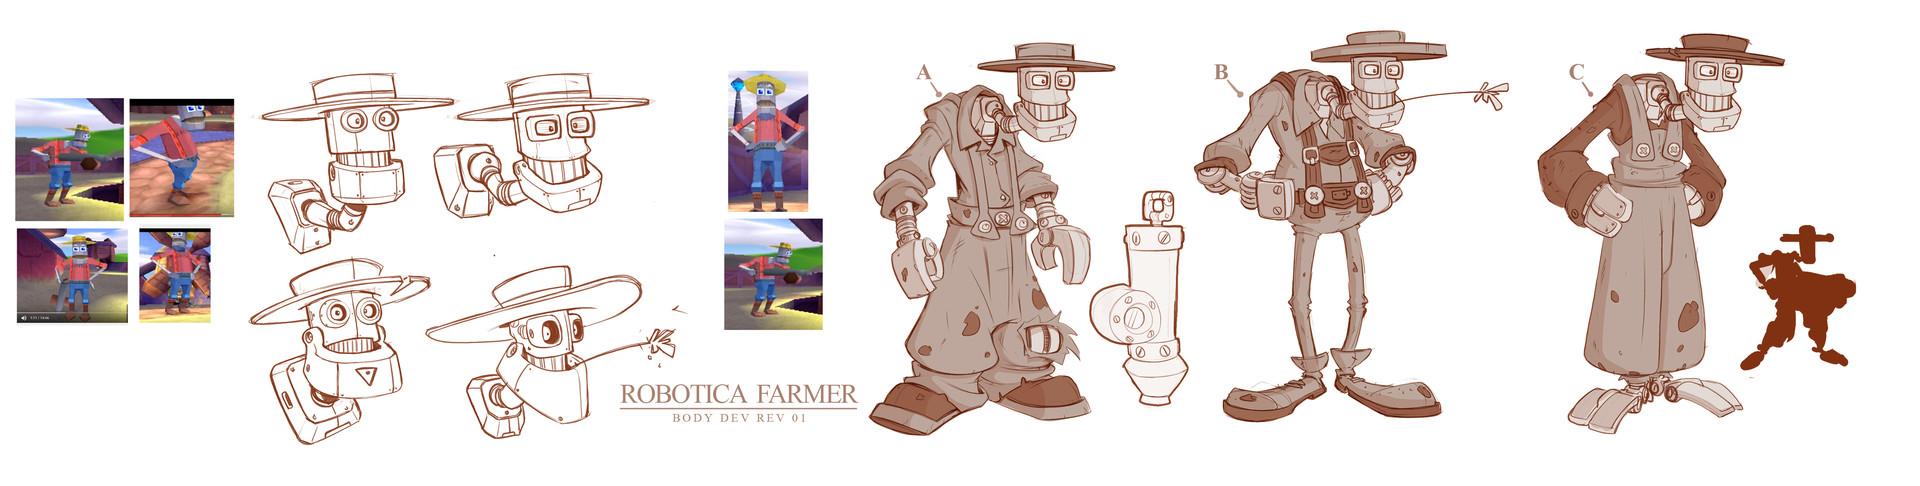 Rob duenas farmer rev 05